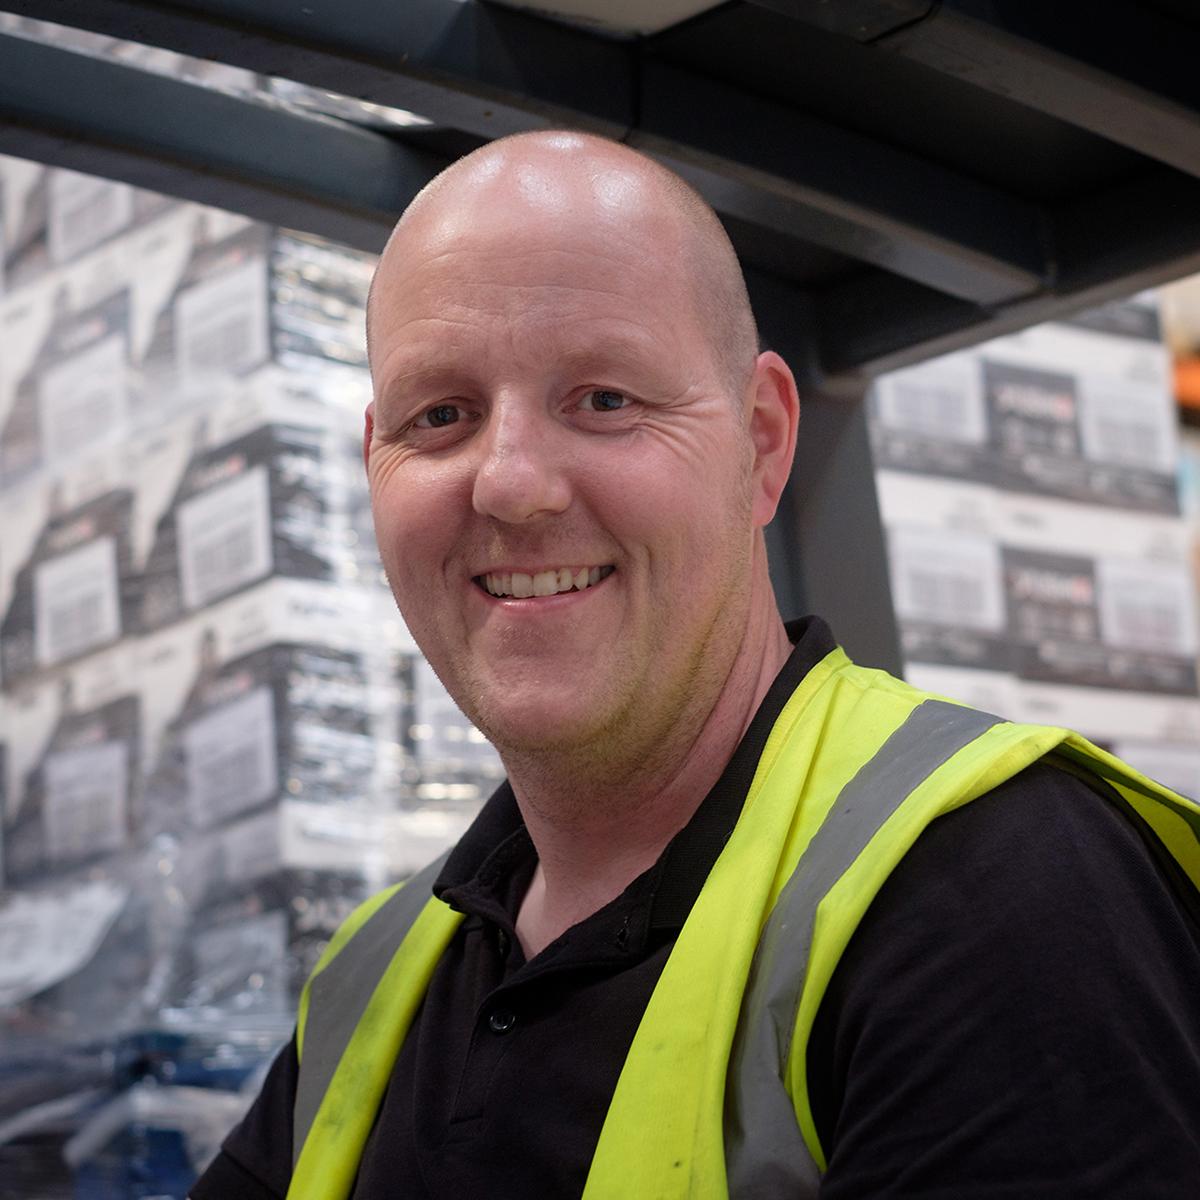 Derek Force Warehouse Specialist Deeside